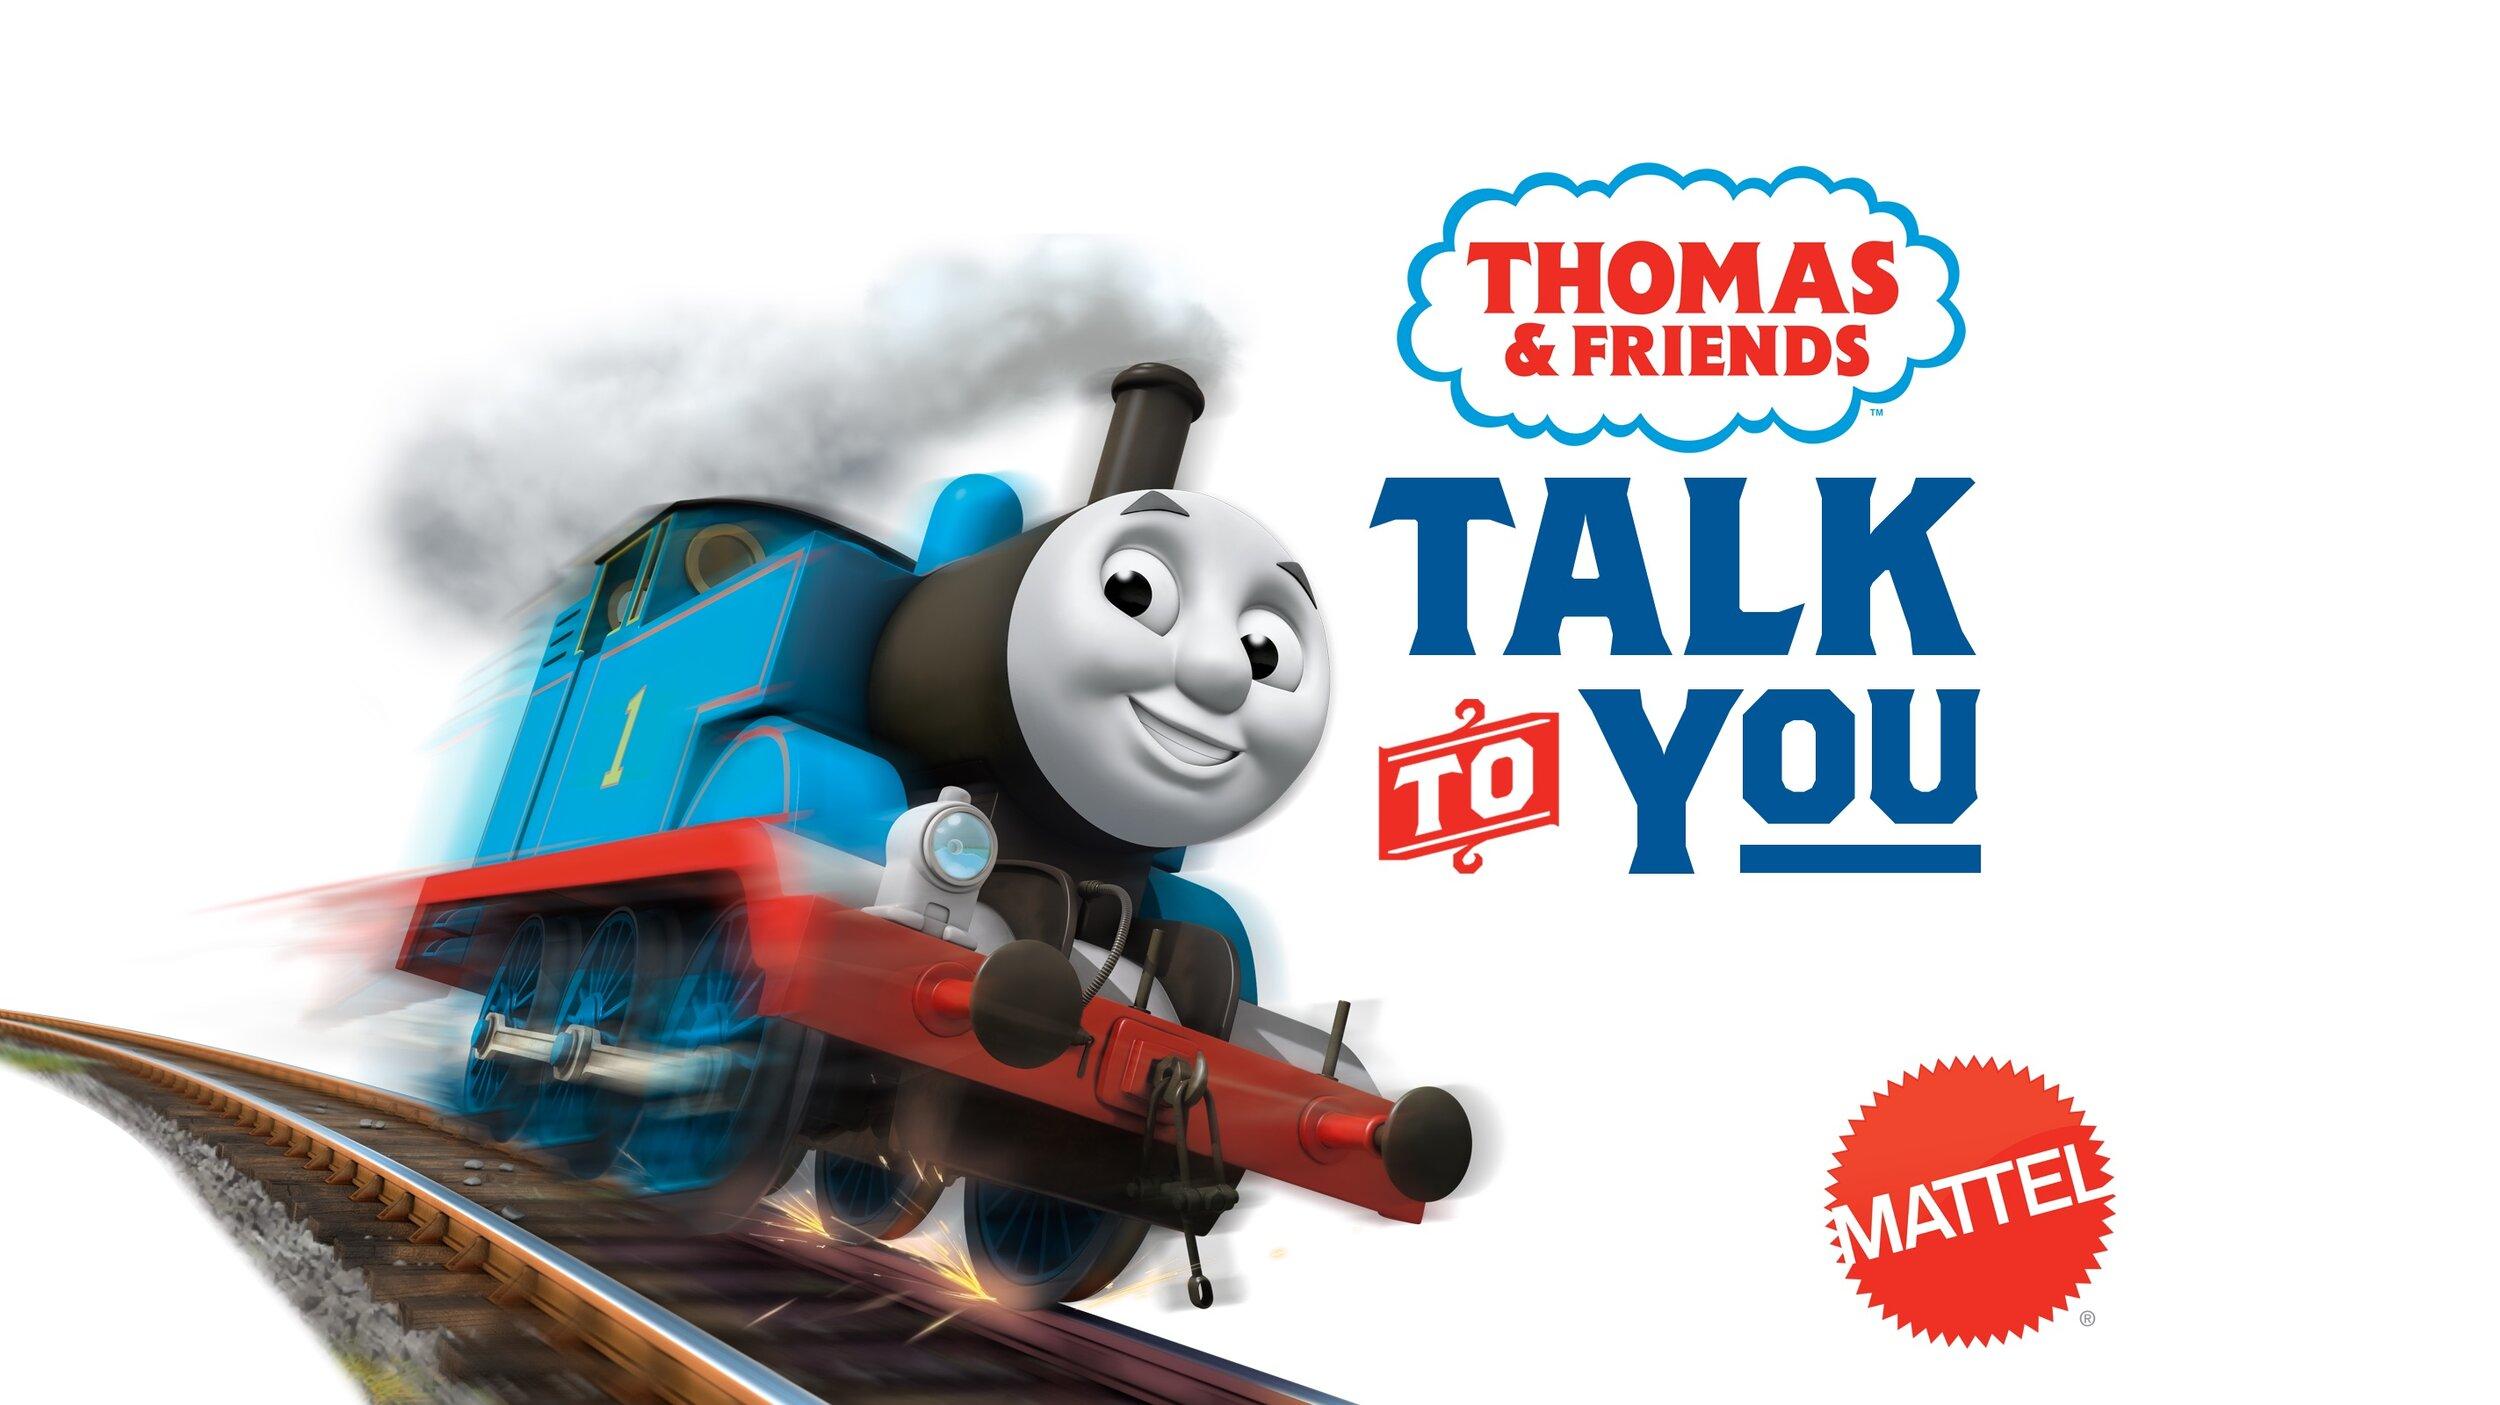 THOMAS AND FRIENDS TALK TO YOU:  VOICE GAME    Sound Designer, Sound Editor   Mattel - ToyTalk